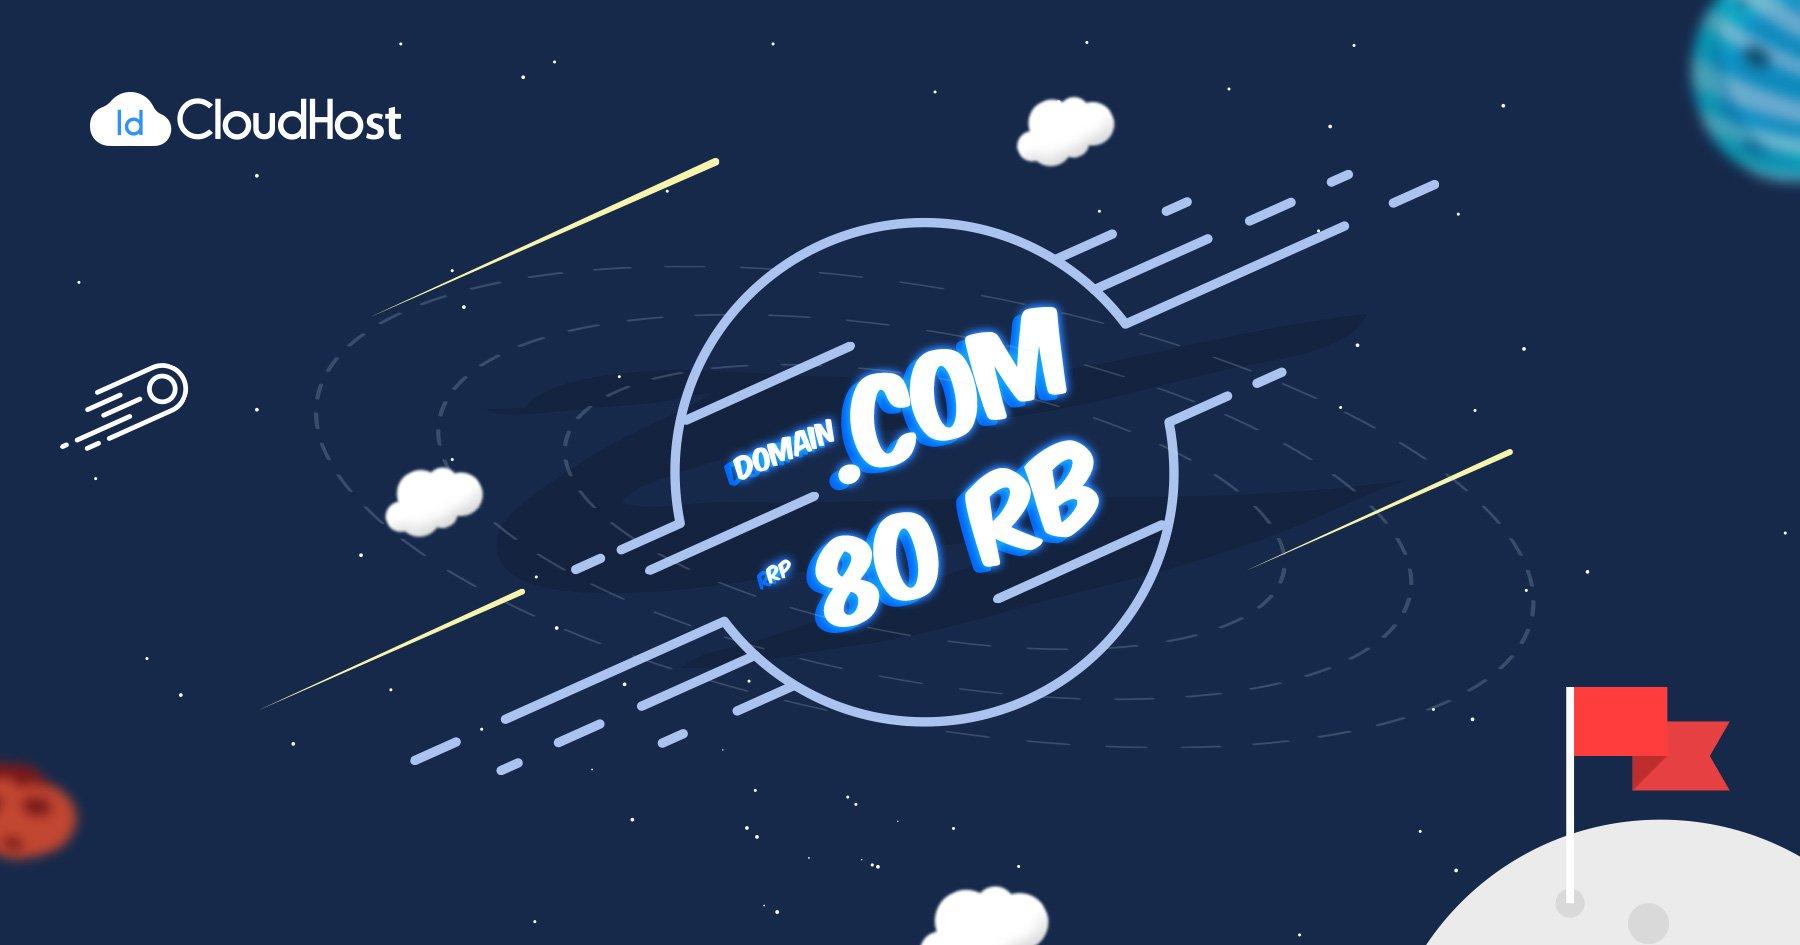 Kejutan Promo Domain COM Murah